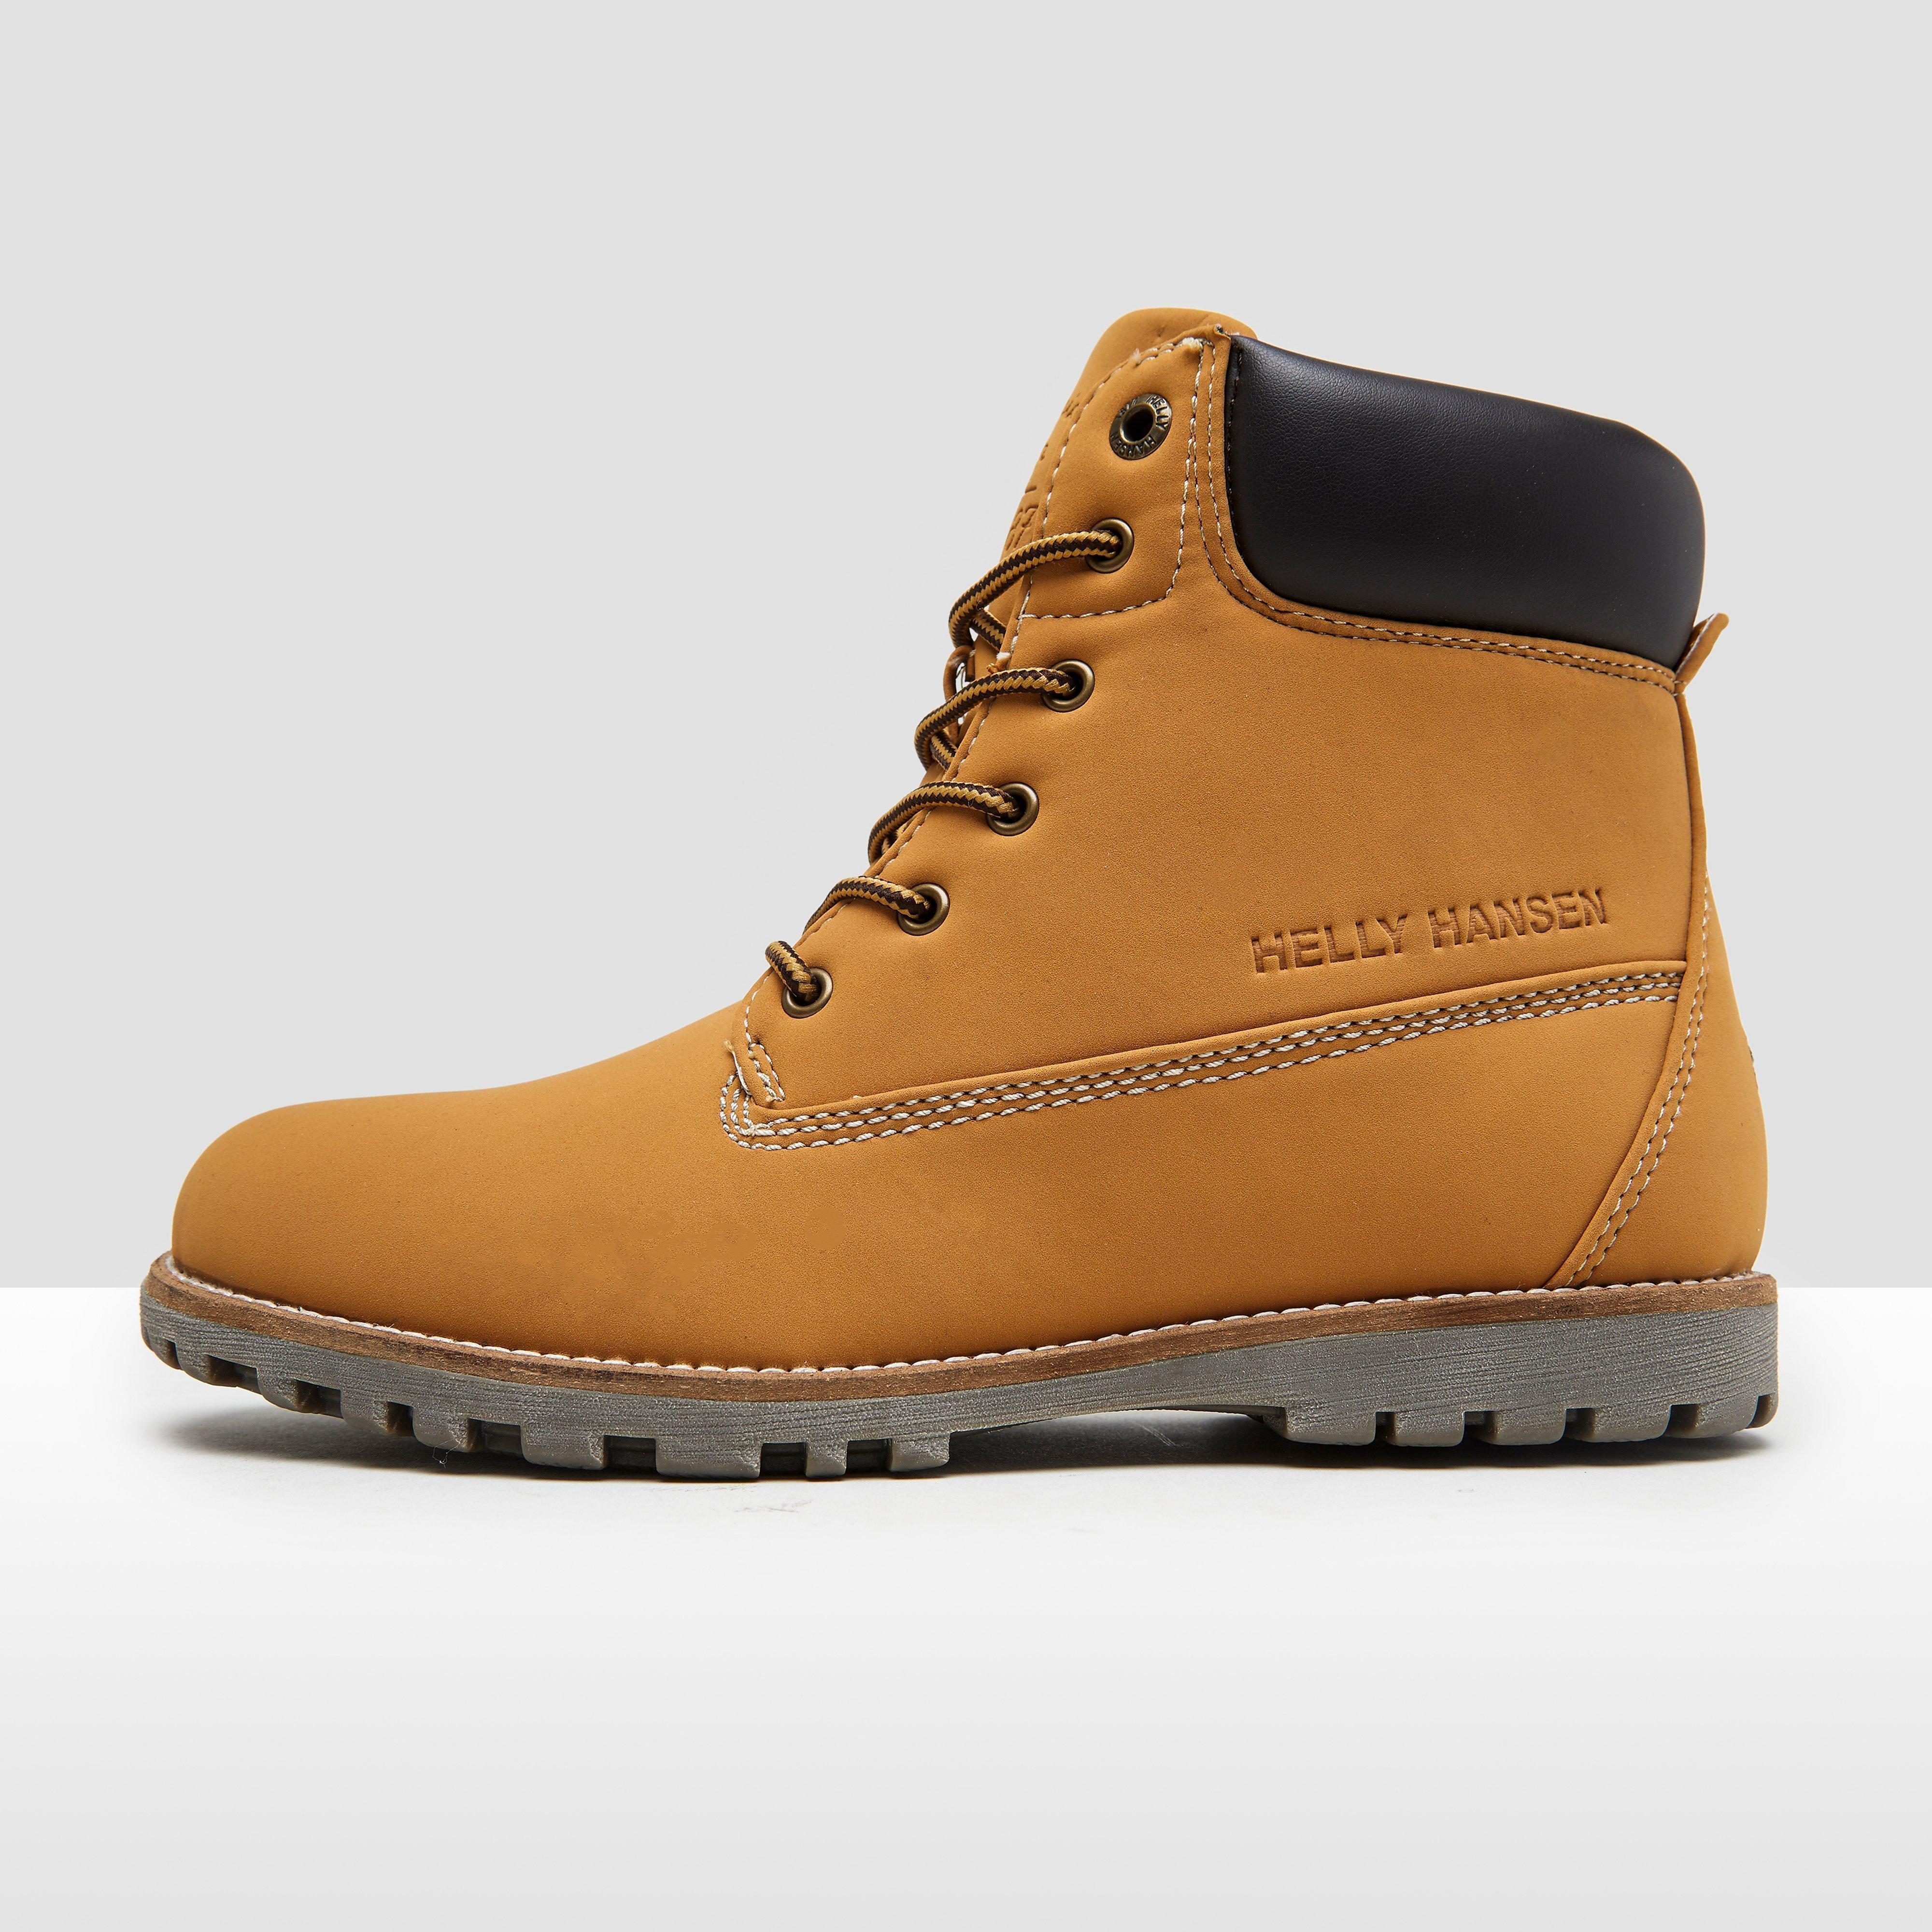 a11a06a9a02 Helly hansen schoenen